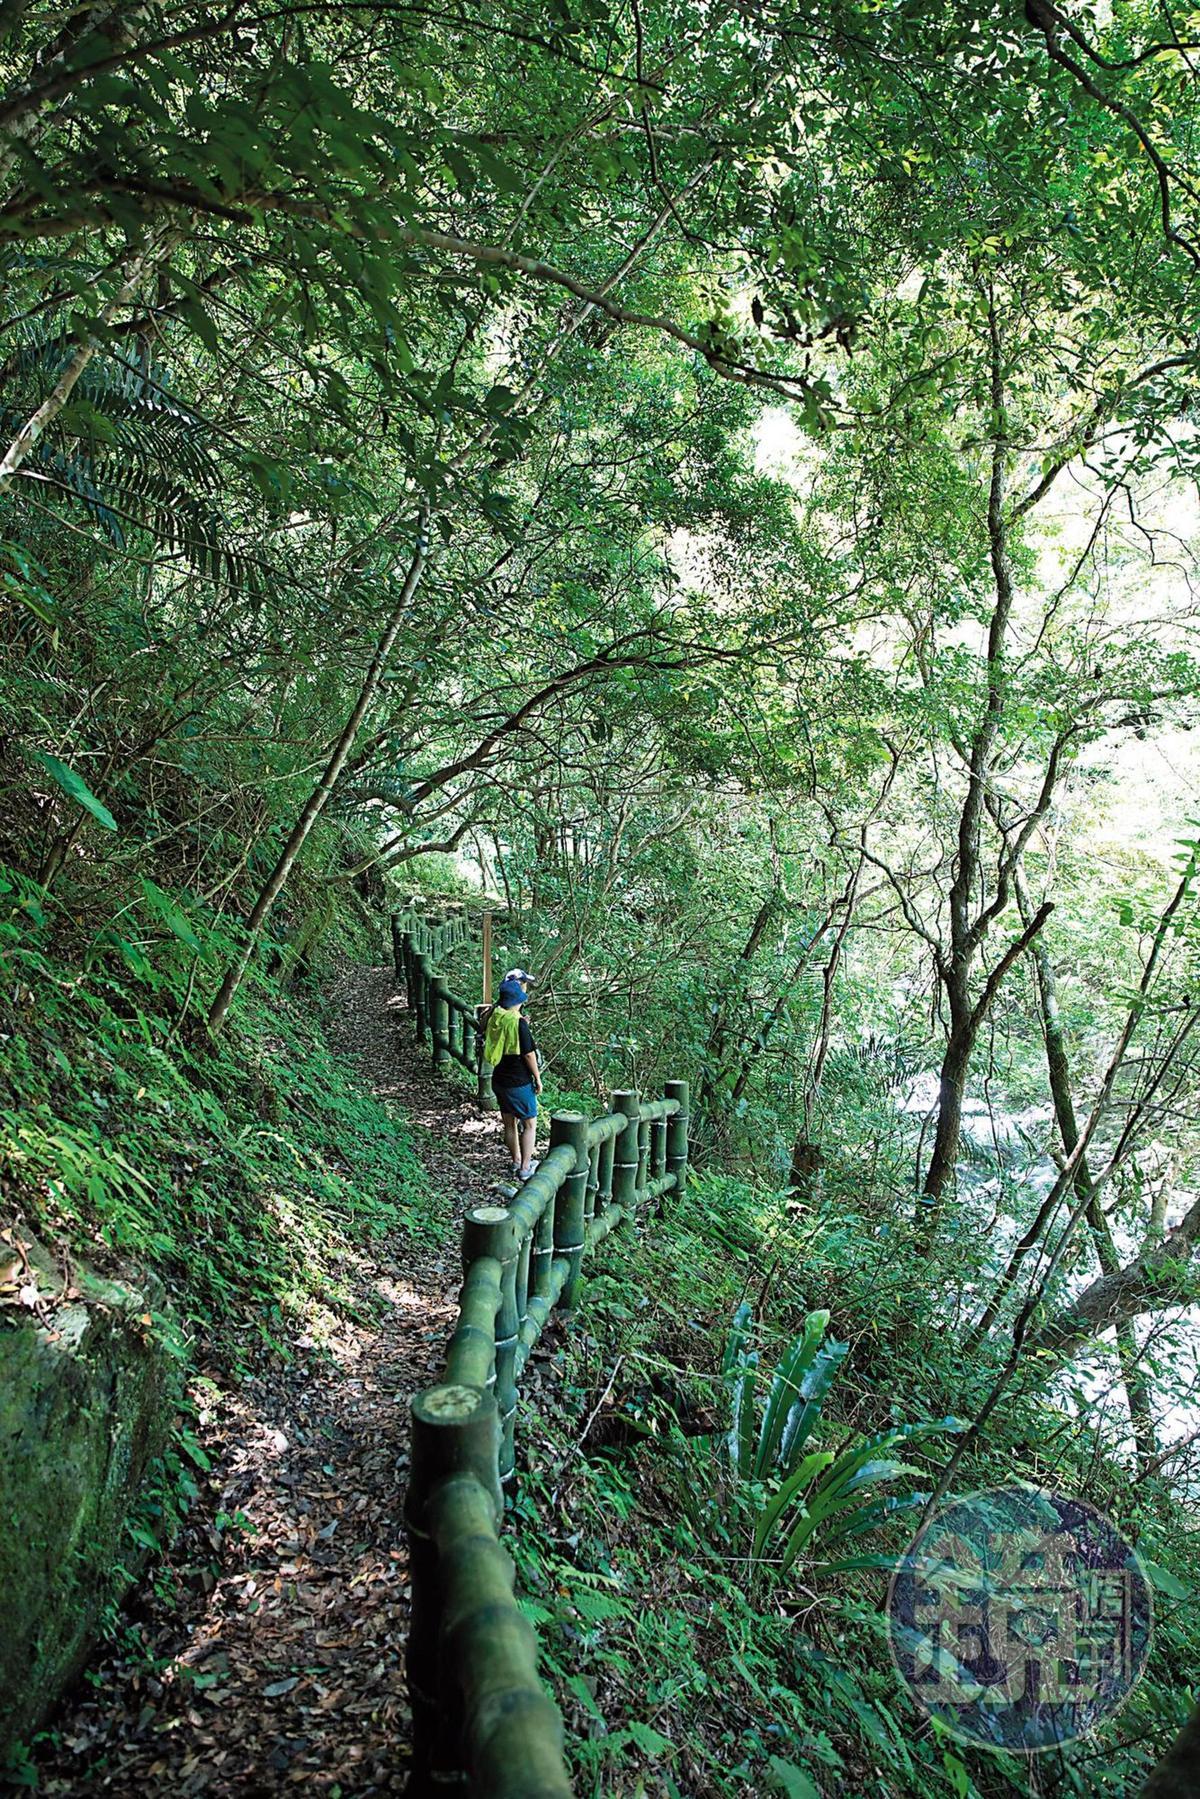 通往幽靈瀑布的步道,建置護欄,行走相當安全。